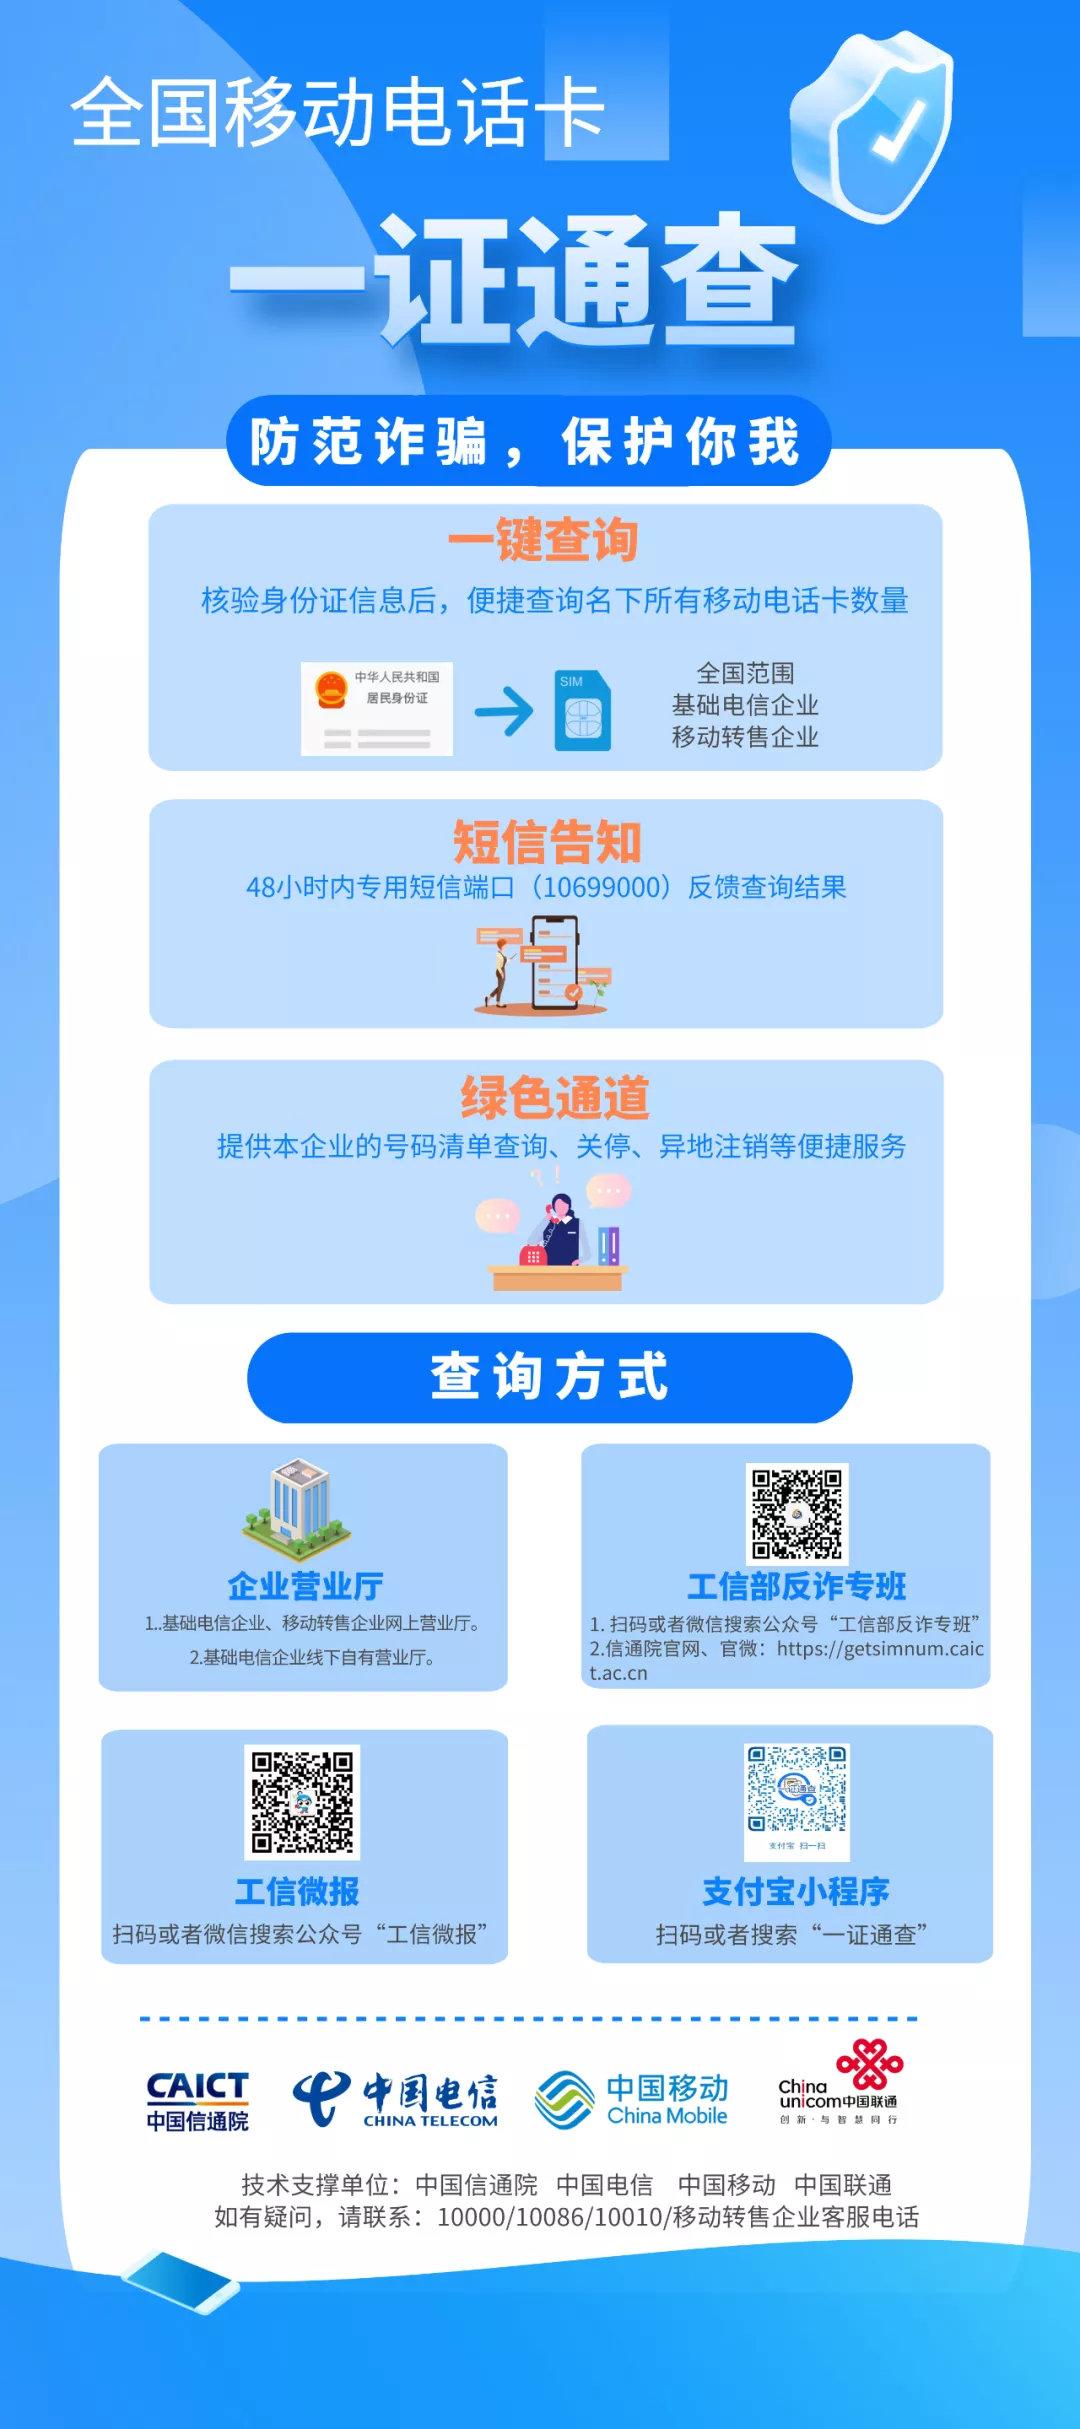 工信部实名查询你名下有几张电话卡?-支付-『游乐宫』Youlegong.com 第3张